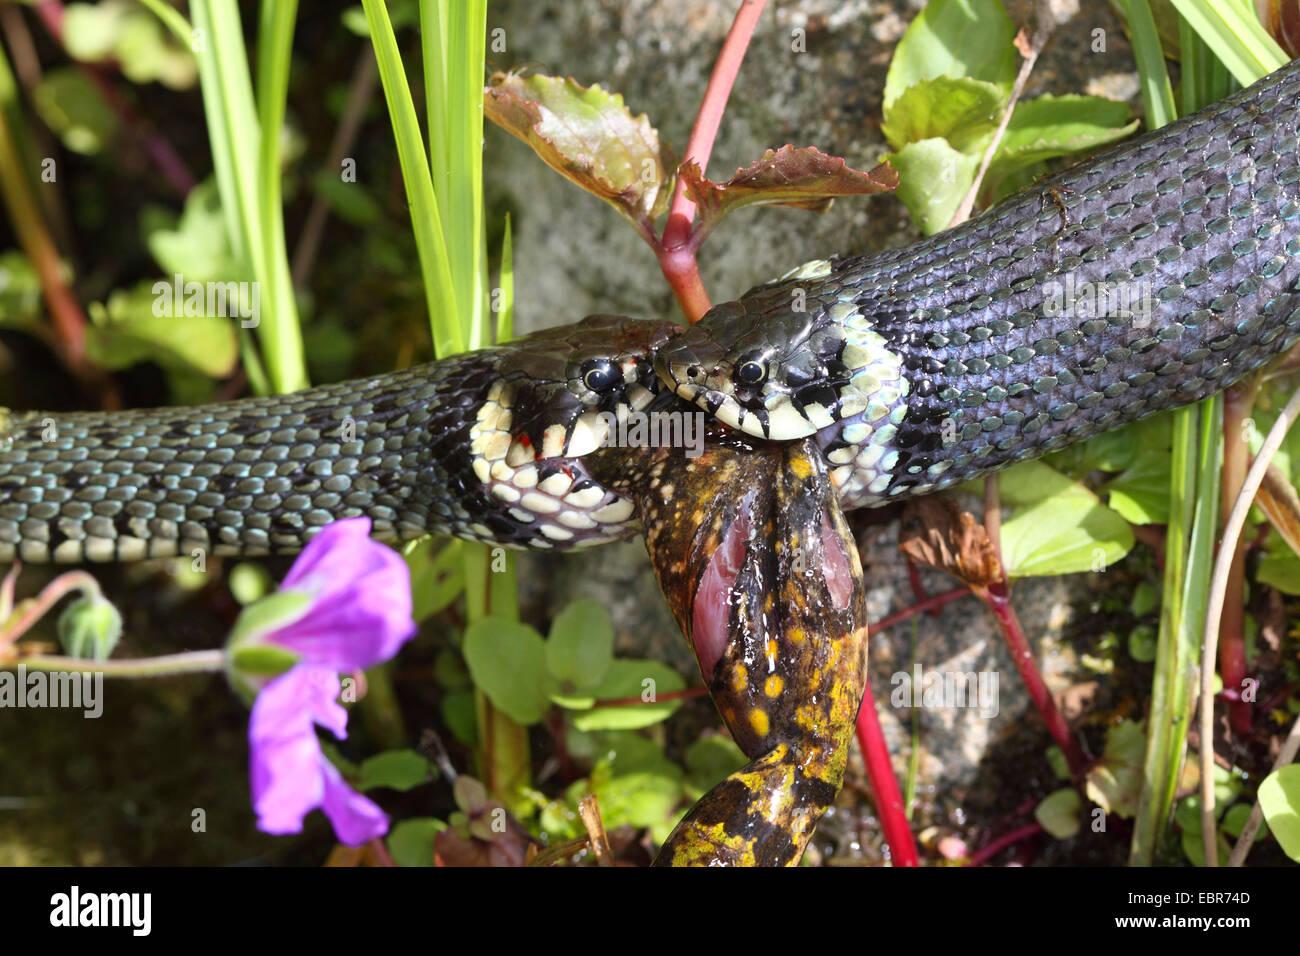 Couleuvre à collier (Natrix natrix), série photo 7, deux serpents se battre pour une grenouille, Allemagne, Photo Stock